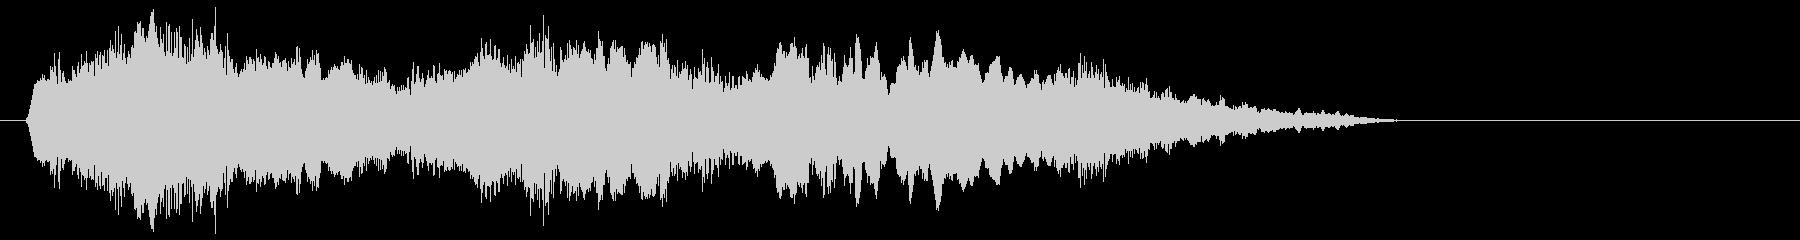 フルートとハープの不思議なジングルの未再生の波形